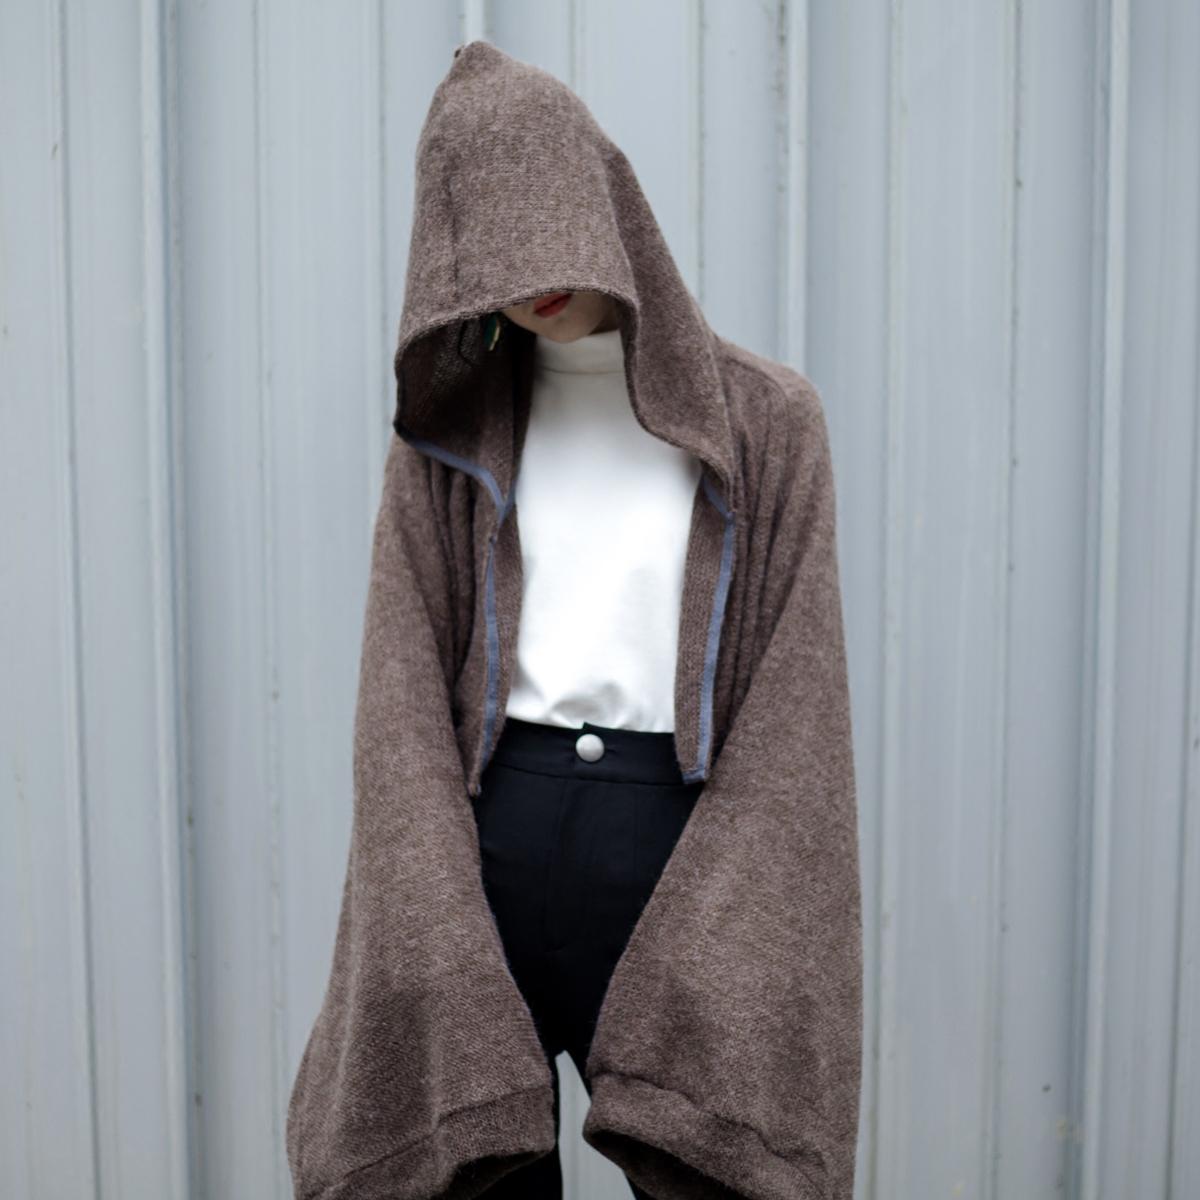 鱼一点原创设计百搭防晒加冷外套披肩围巾两用连帽外套针织上衣女